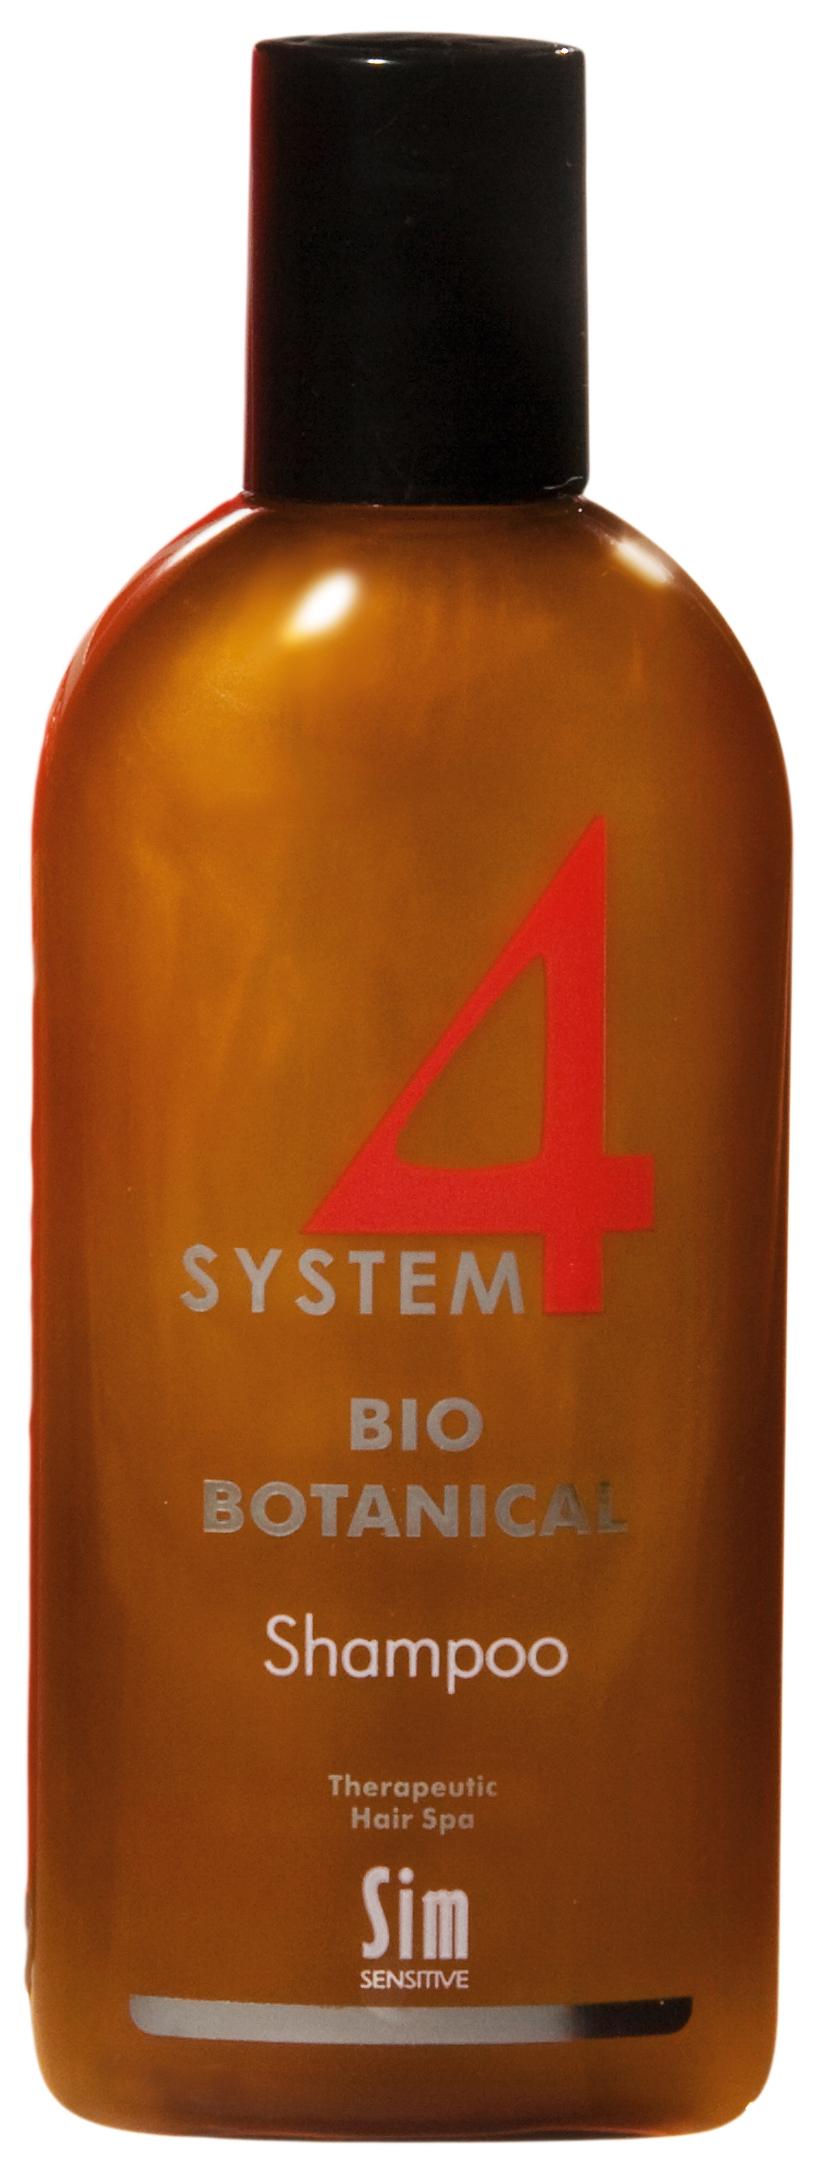 Купить Шампунь Sim Sensitive System 4 Bio Botanical Shampoo для роста волос 215 мл, Био Ботанический для роста волос